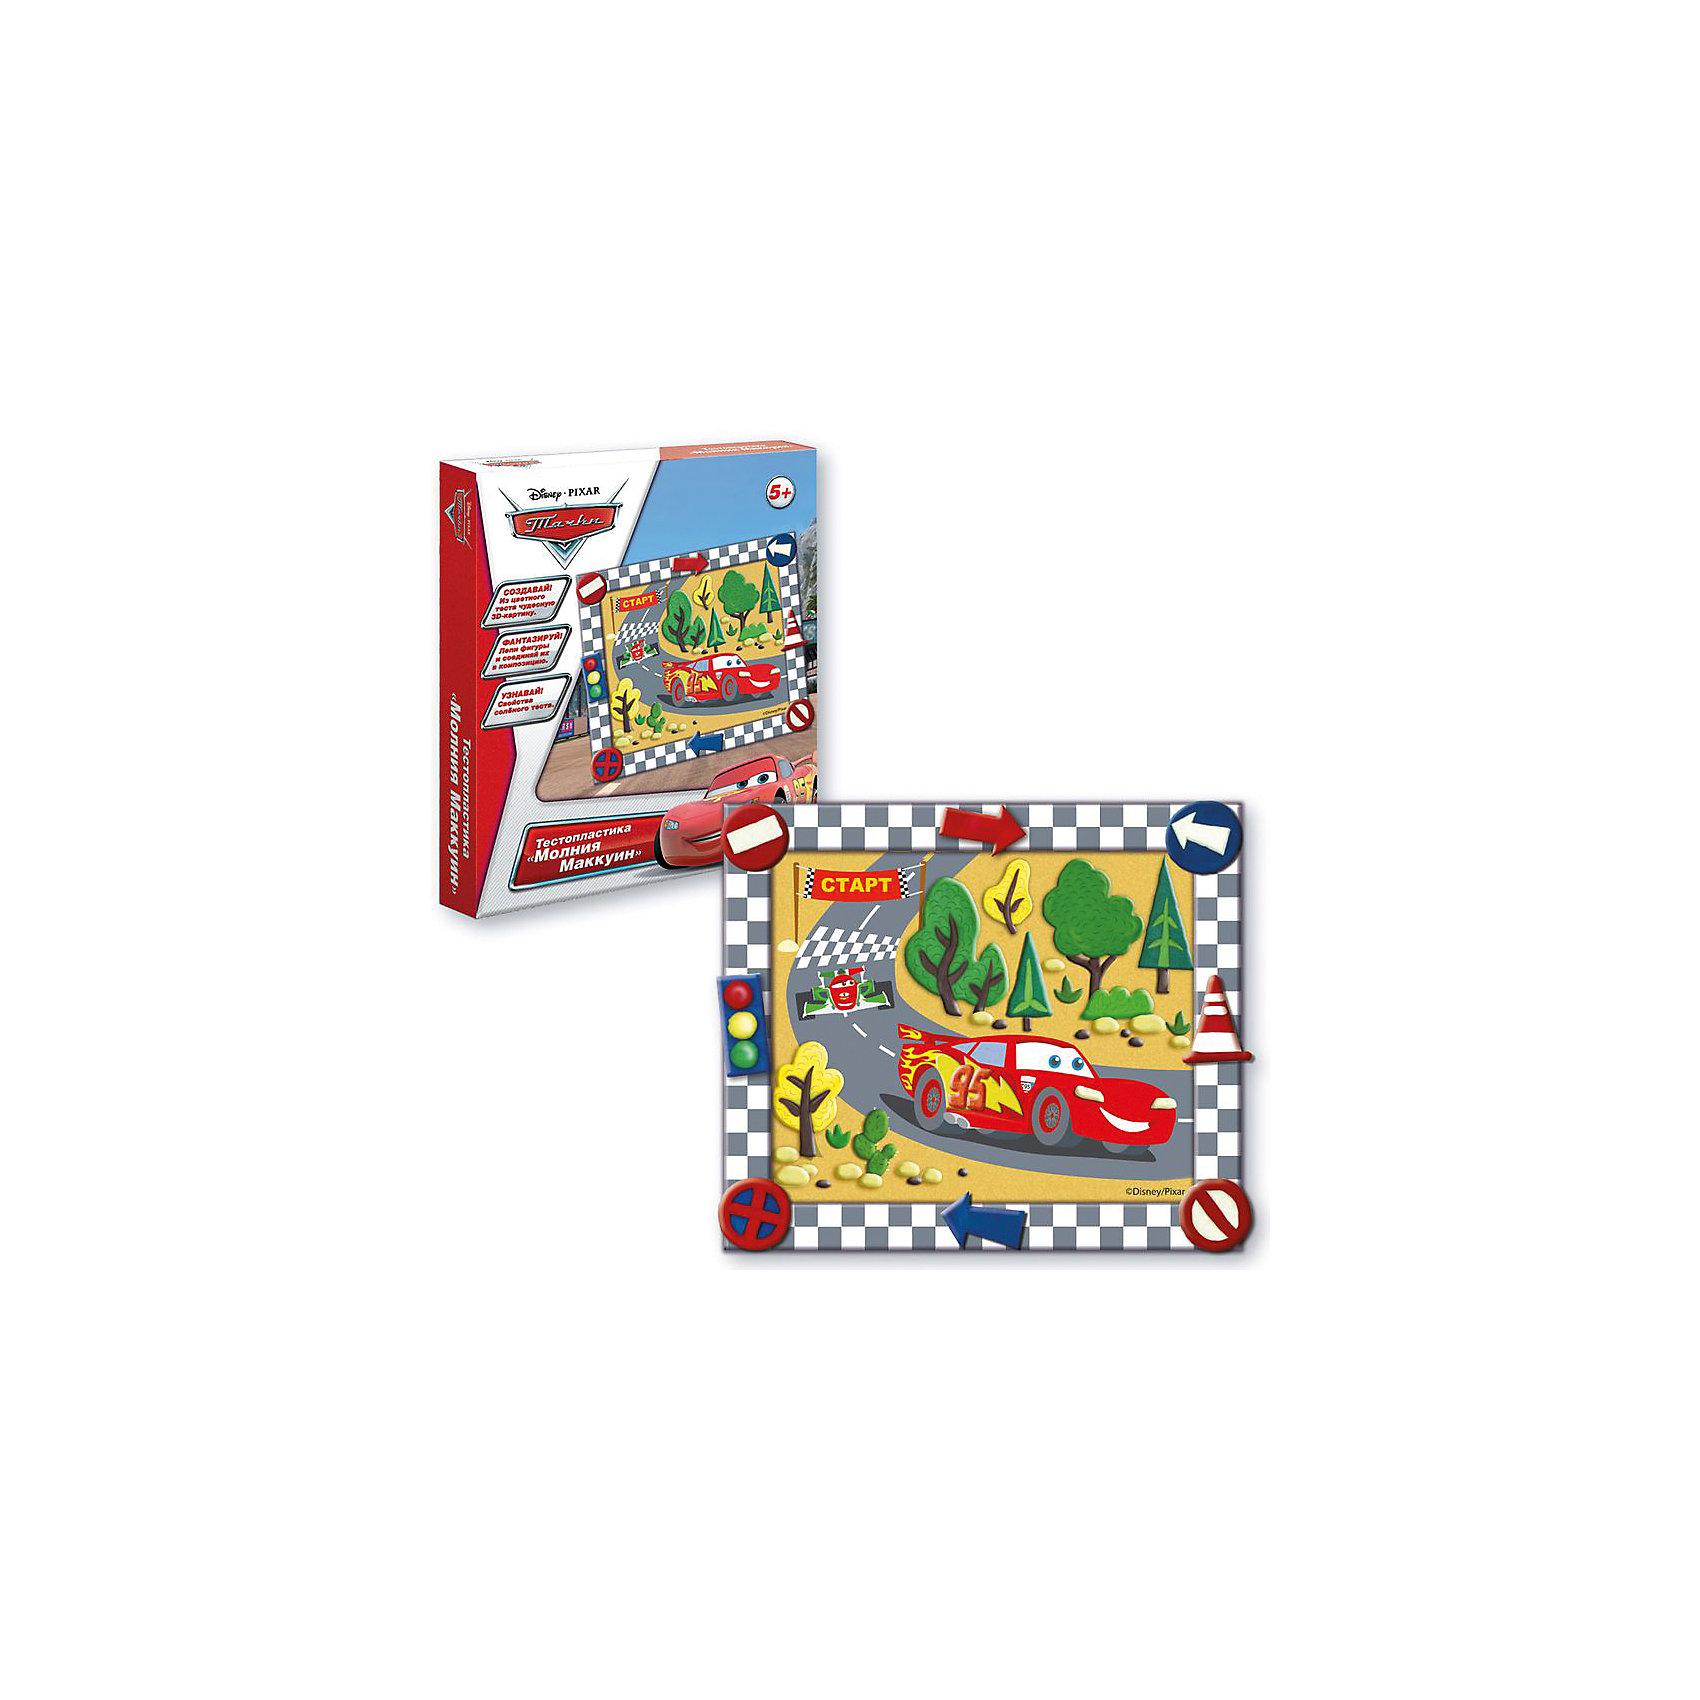 Тестопластика Молния маккуин, Тачки DisneyТесто для лепки<br>Характеристики:<br>• в комплекте: цветное тесто (5 шт.), картинка, стека, клей ПВА, рамка, инструкция;<br>• материал: тесто, картон, пластик, клей;<br>• возраст: от 5 лет;<br>• размер упаковки: 28х23х3 см;<br>• вес: 300 грамм.<br><br>Тестопластика «Молния Маккуин» - набор для лепки детям от 5 лет. Набор состоит из цветного теста, картонной основы, клея ПВА, рамки и стеки.<br><br>Воспользовавшись инструкцией, ребенок вылепит детали из мягкого теста. Когда тесто подсохнет, детали можно приклеить к основе, чтобы получилась красивая картинка с Маккуином. Готовую работу можно оформить красивой рамочкой.<br><br>Тестопластика поможет развить аккуратность, усидчивость и художественный вкус.<br><br>Тестопластику Молния Маккуин, Тачки Disney, Creatto (Креатто) можно купить в нашем интернет-магазине.<br><br>Ширина мм: 220<br>Глубина мм: 190<br>Высота мм: 30<br>Вес г: 270<br>Возраст от месяцев: 60<br>Возраст до месяцев: 2147483647<br>Пол: Унисекс<br>Возраст: Детский<br>SKU: 5453395